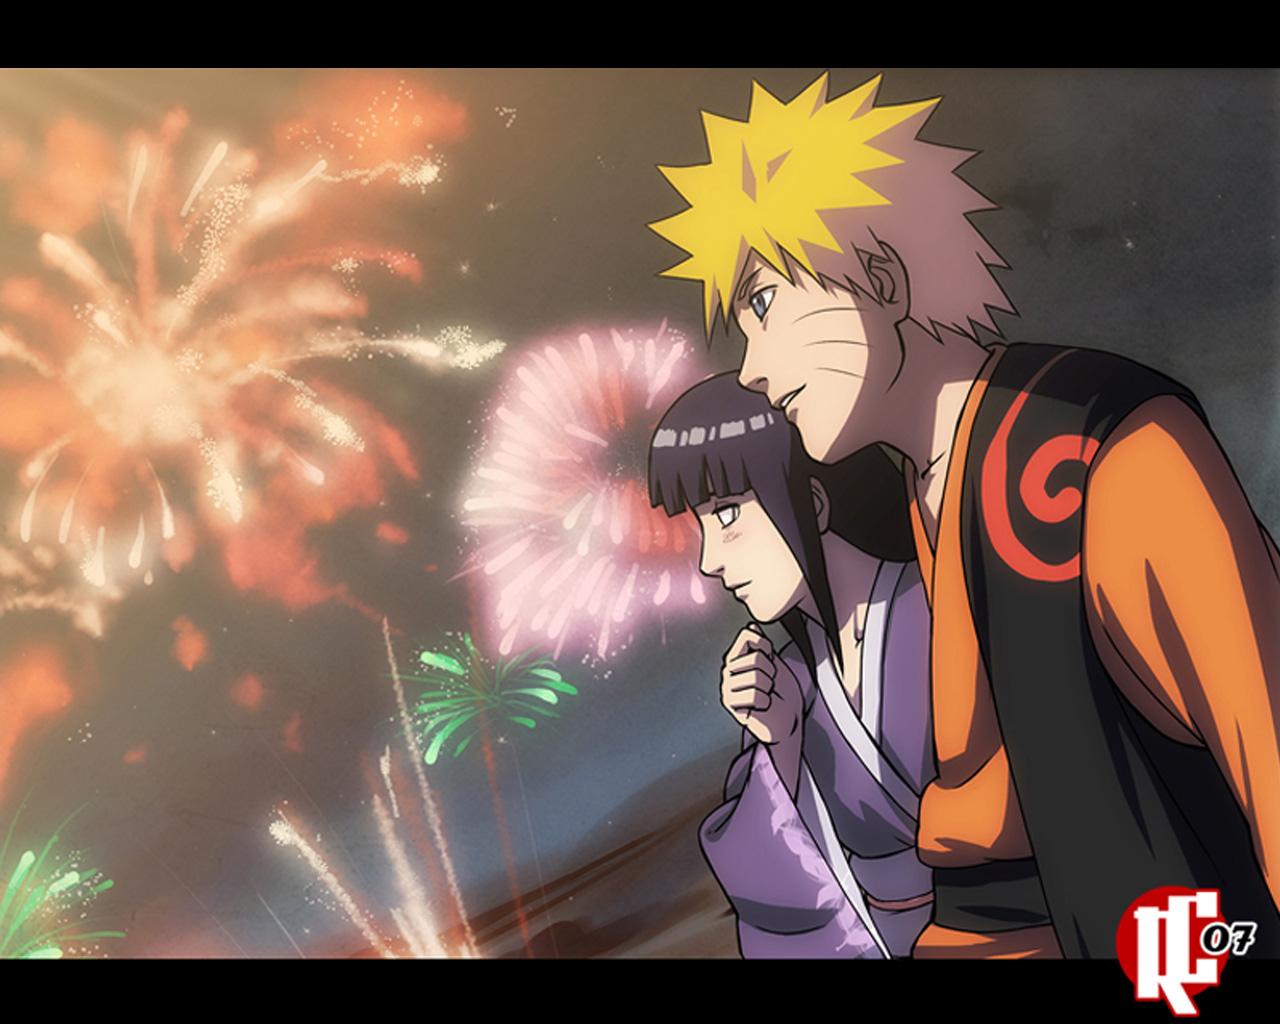 Naruto vf wallpapers hinata n naruto - Naruto images and wallpapers ...